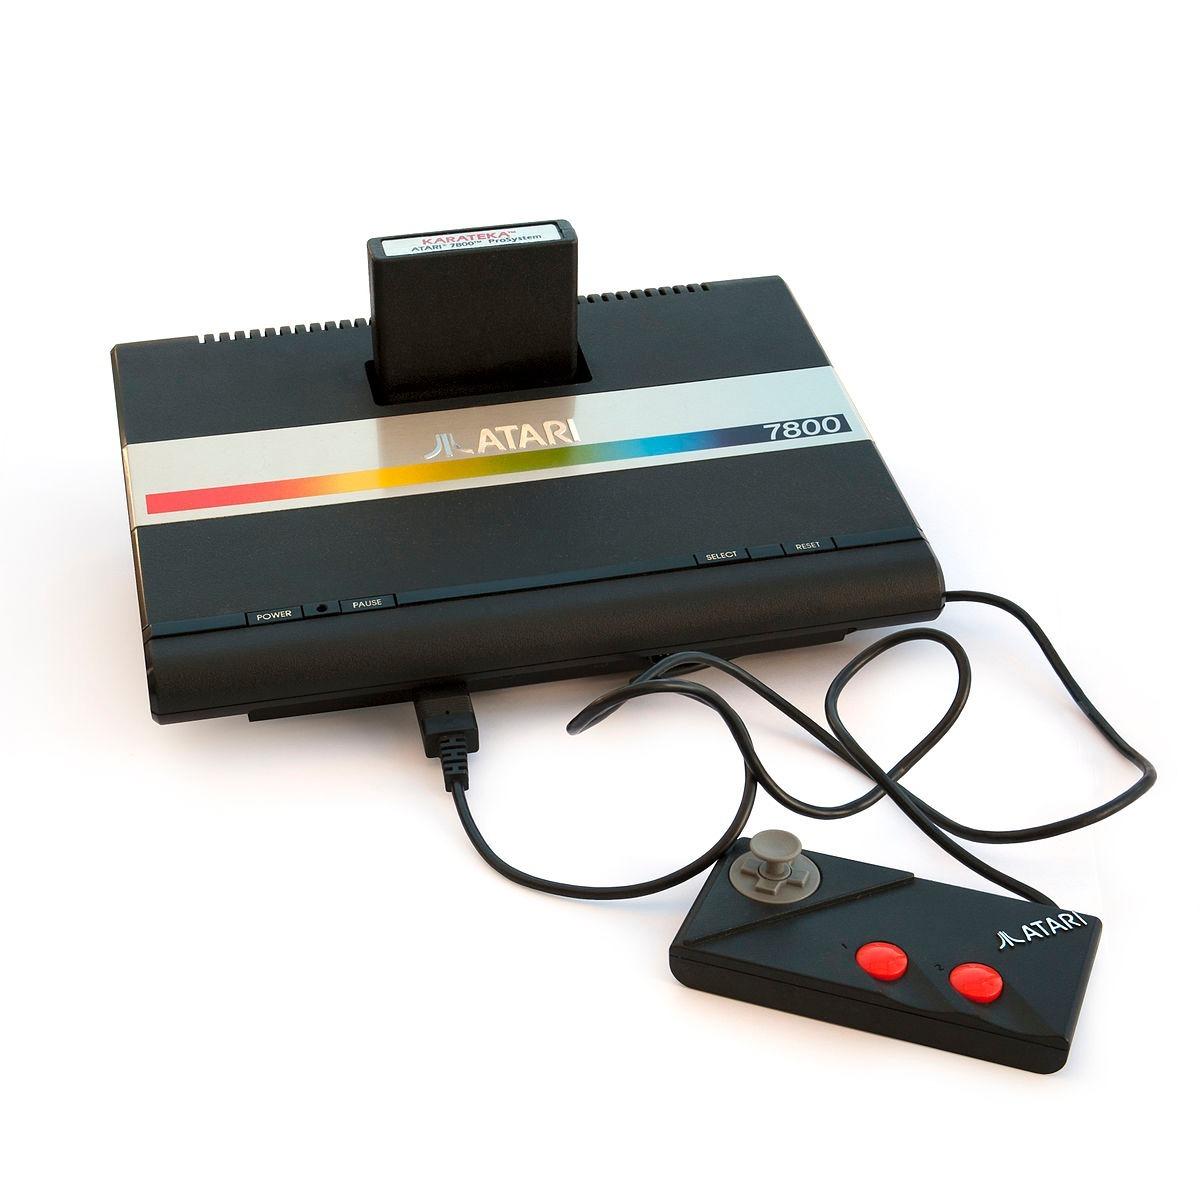 Pack De Roms Atari 2600, Atari 5200, Atari 7800, Atari Lynx